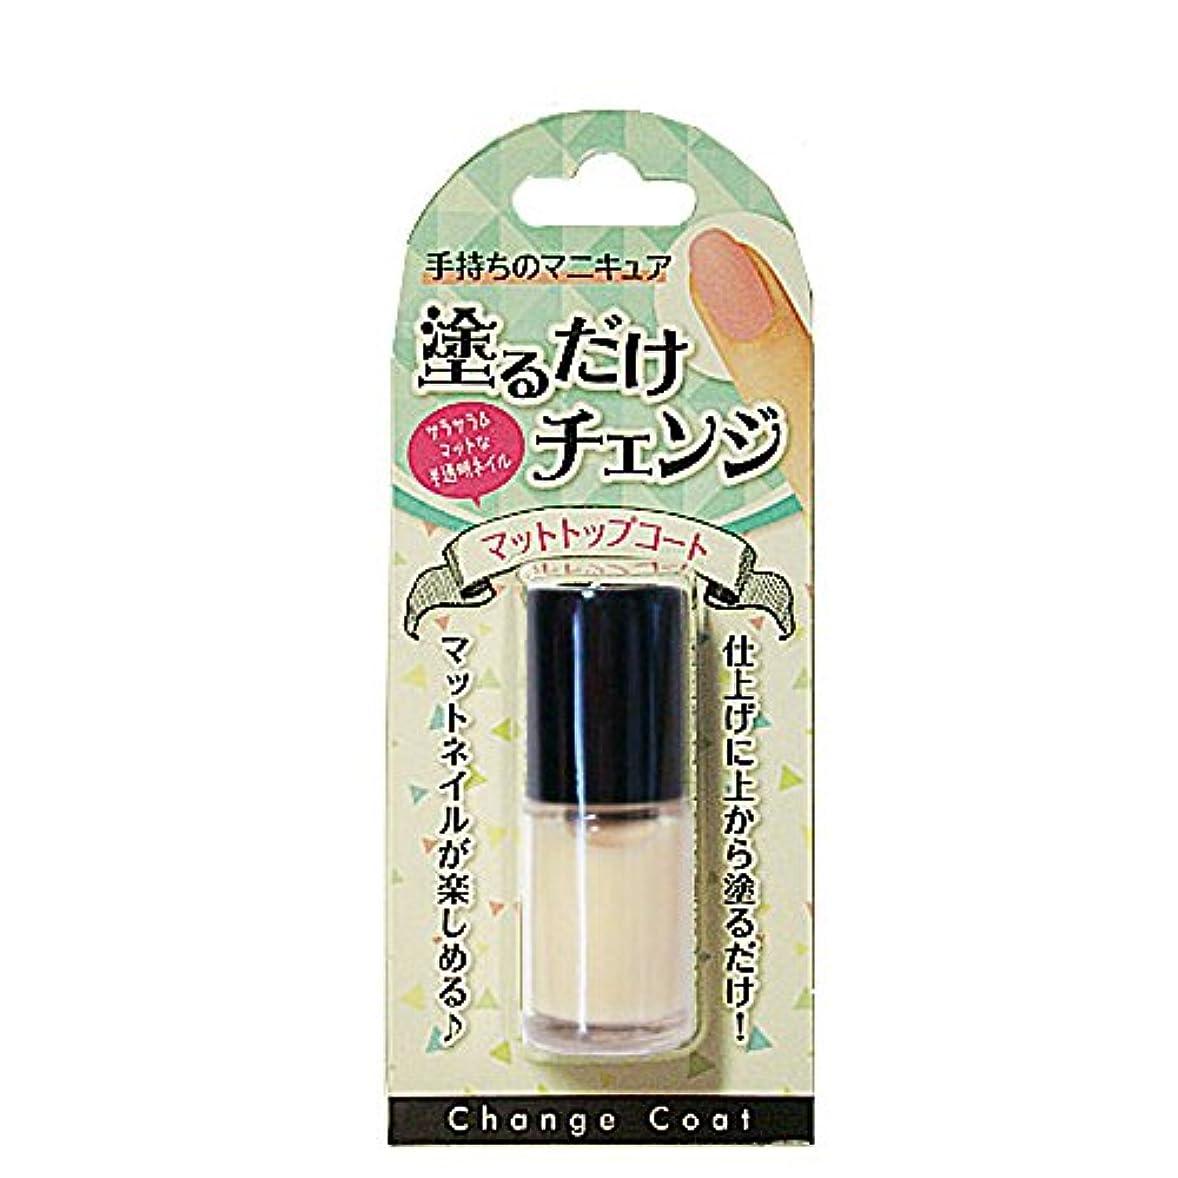 メイド小石幻影TMマット トップコート CTC1501